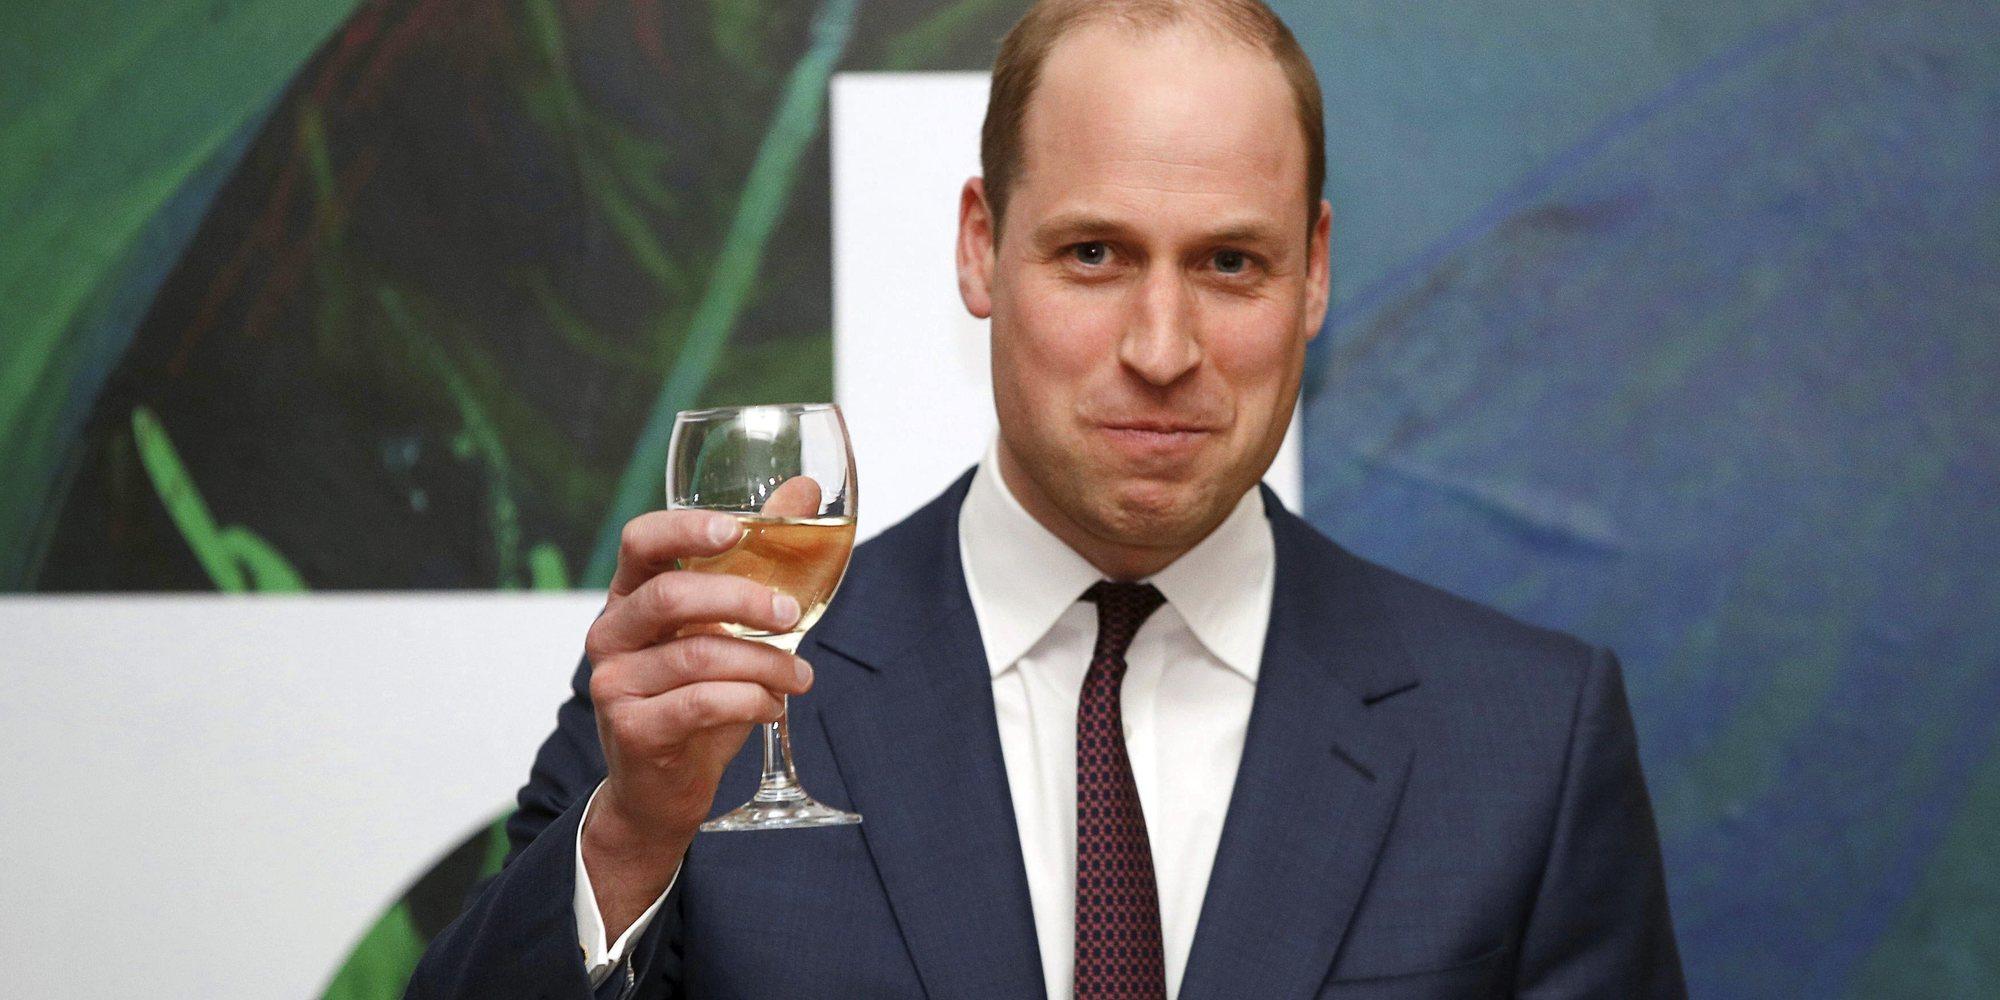 El Príncipe Guillermo celebra su 38 cumpleaños compartiendo unas imágenes inéditas junto a sus hijos